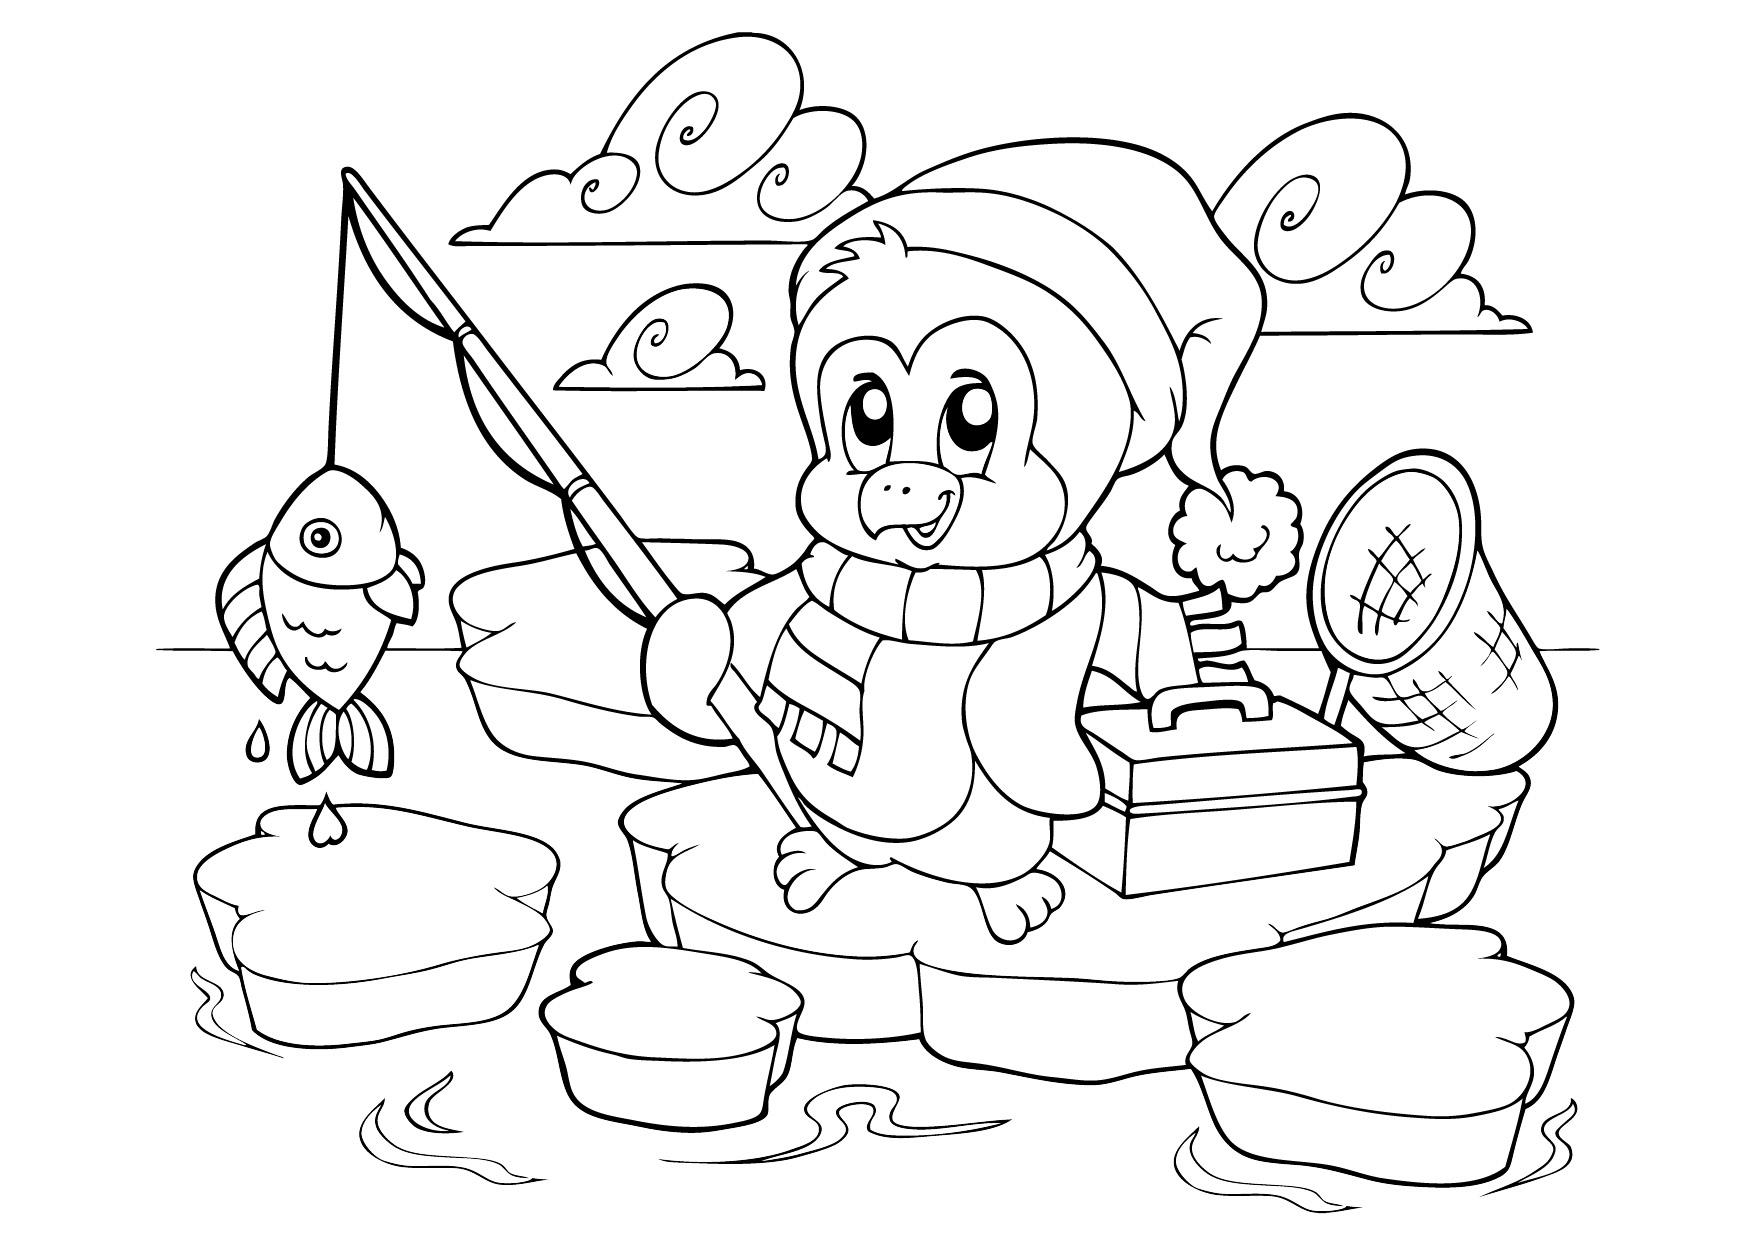 Пингвины раскраски распечатать - Все для детского сада | 1241x1754